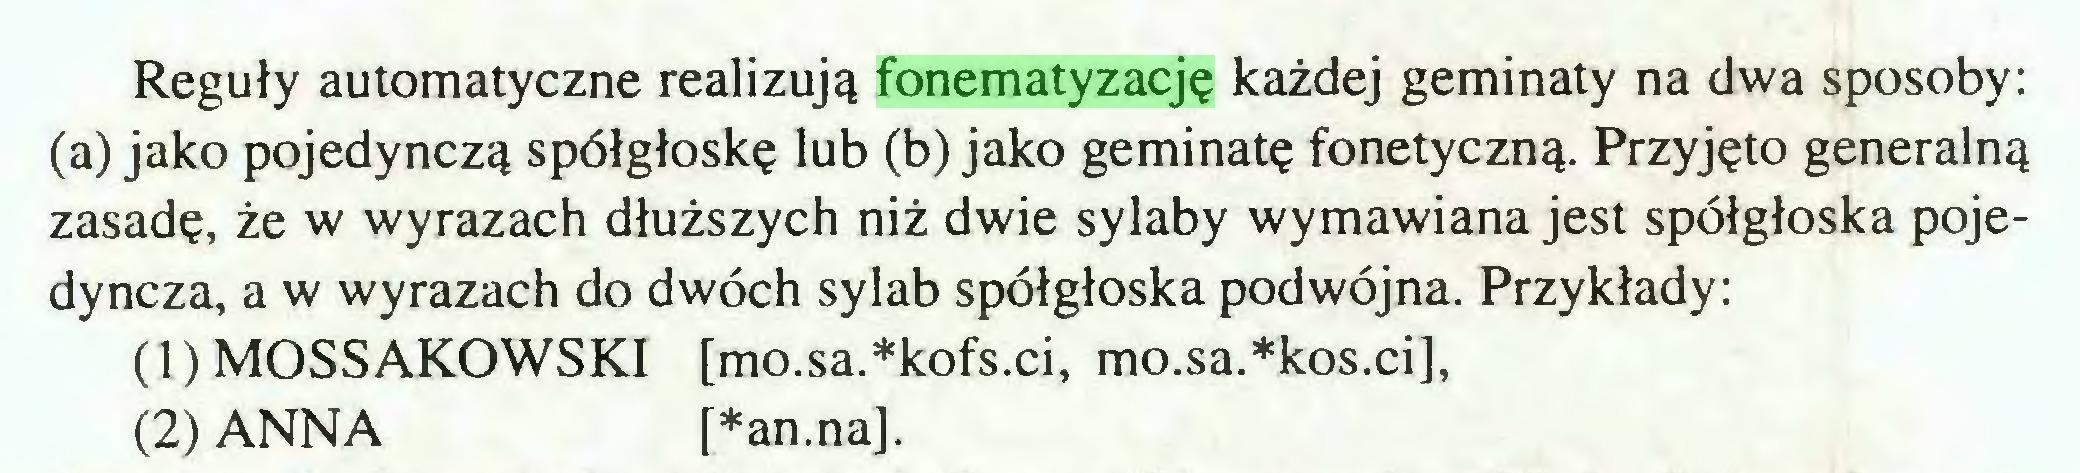 (...) Reguły automatyczne realizują fonematyzację każdej geminaty na dwa sposoby: (a) jako pojedynczą spółgłoskę lub (b) jako geminatę fonetyczną. Przyjęto generalną zasadę, że w wyrazach dłuższych niż dwie sylaby wymawiana jest spółgłoska pojedyncza, a w wyrazach do dwóch sylab spółgłoska podwójna. Przykłady: (1) MOSSAKOWSKI [mo.sa.*kofs.ci, mo.sa.*kos.ci], (2) ANNA [*an.na]...